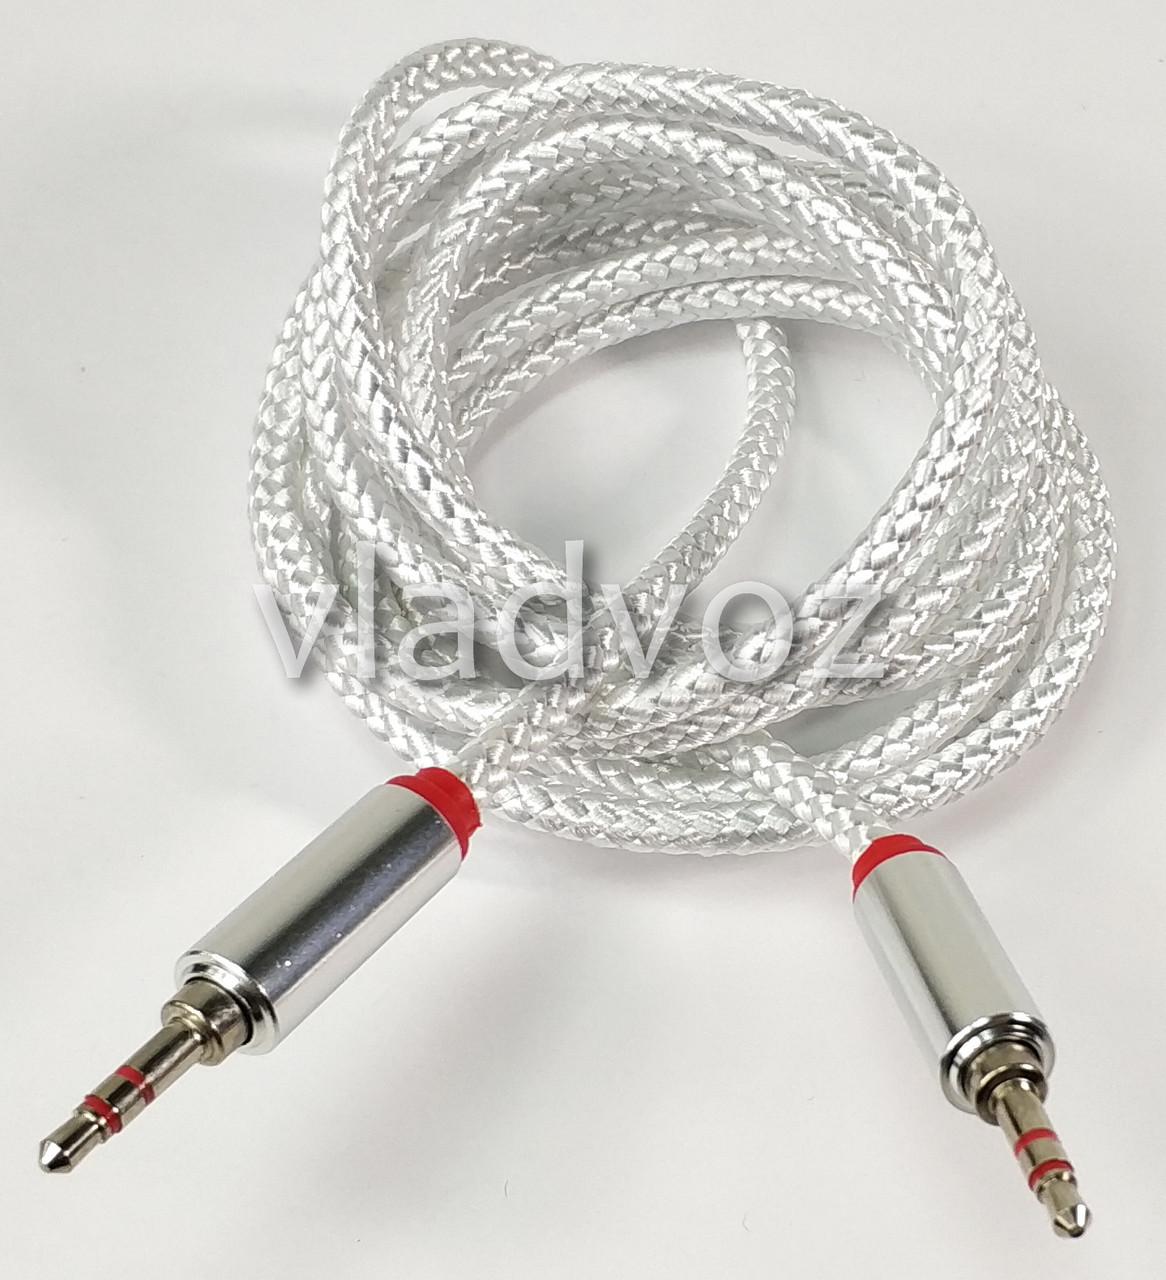 Стерео кабель AUX папа-папа аудиокабель адаптер jack 3.5 мм 2м Premium тканевый белый